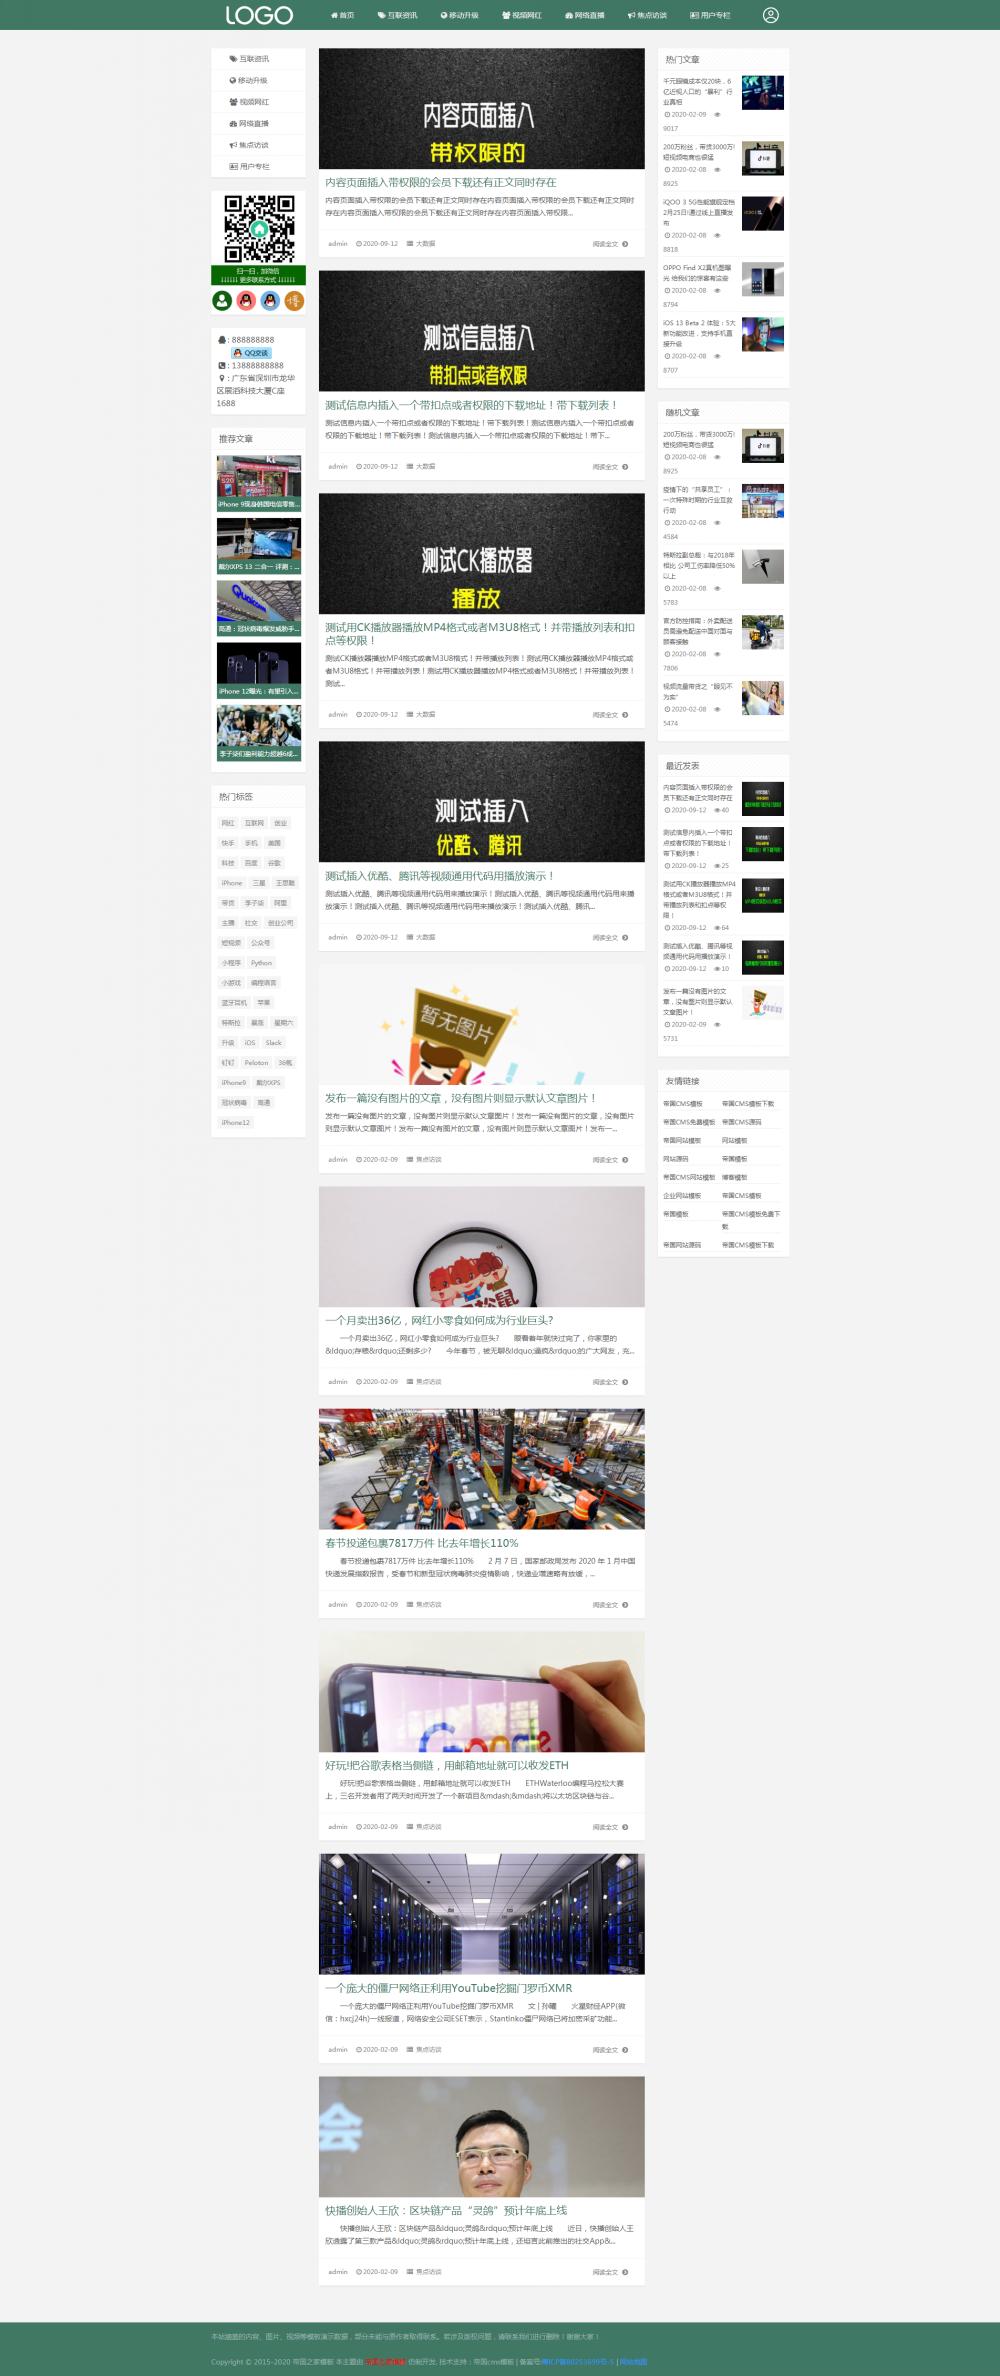 1网站首页.png [DG-0154]响应式三栏新闻帝国cms模板 自适应自媒体新闻帝国网站模板(一) 新闻资讯 第1张